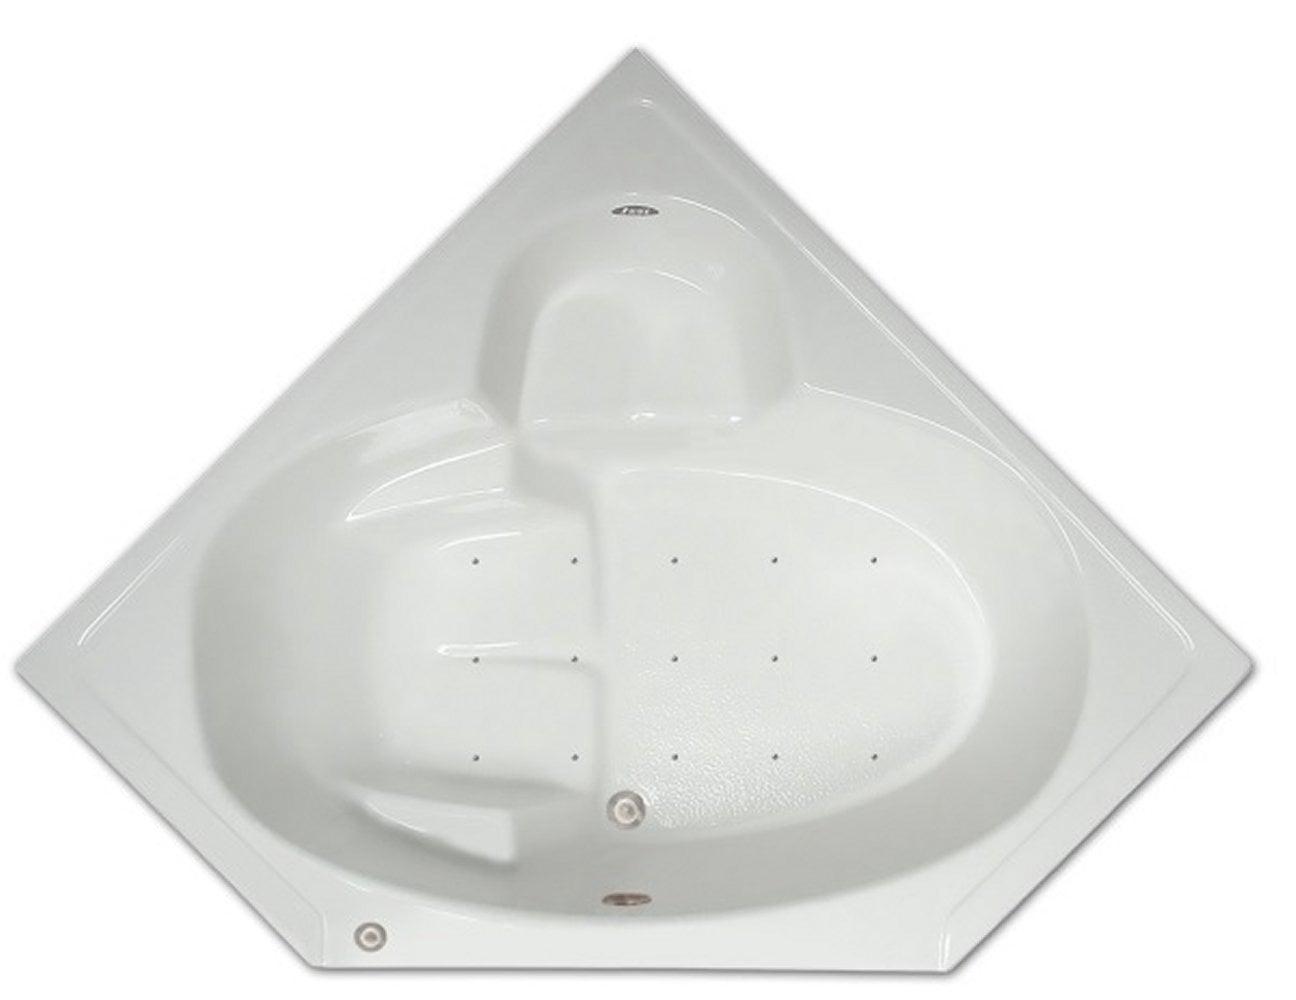 Drop-in Bathtub / 60x31.5x18.5 / high gloss white acrylic / Corner / LPI305-A Pinnacle Bath - Air Bath 0